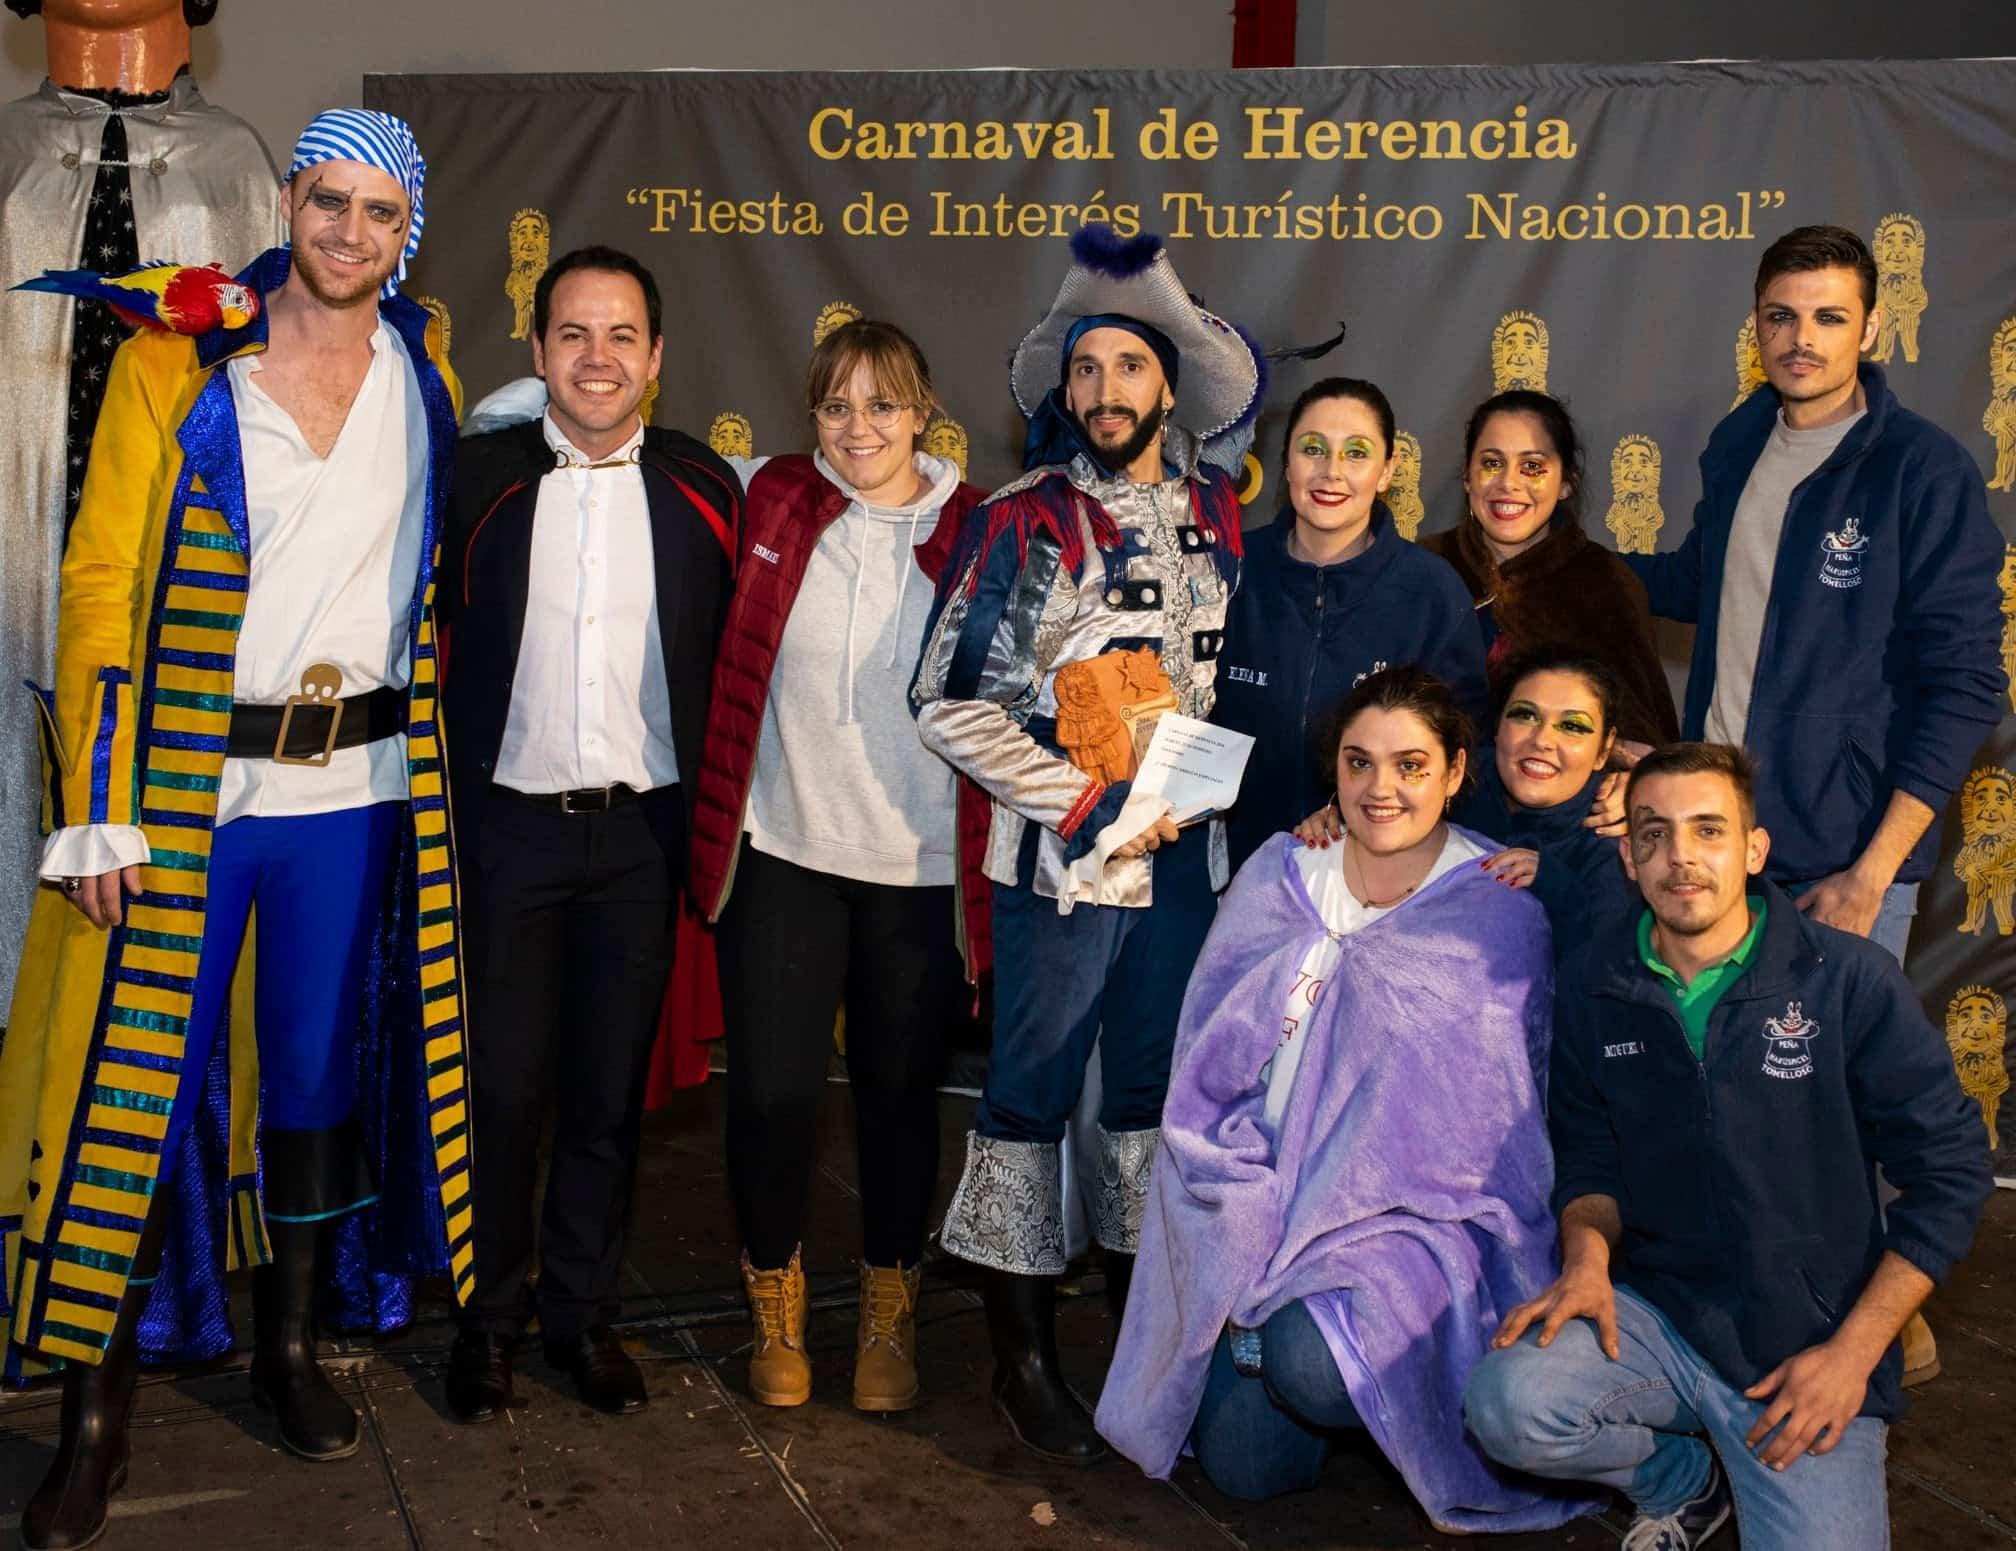 Selección de fotografías del Ofertorio del Carnaval de Herencia 405